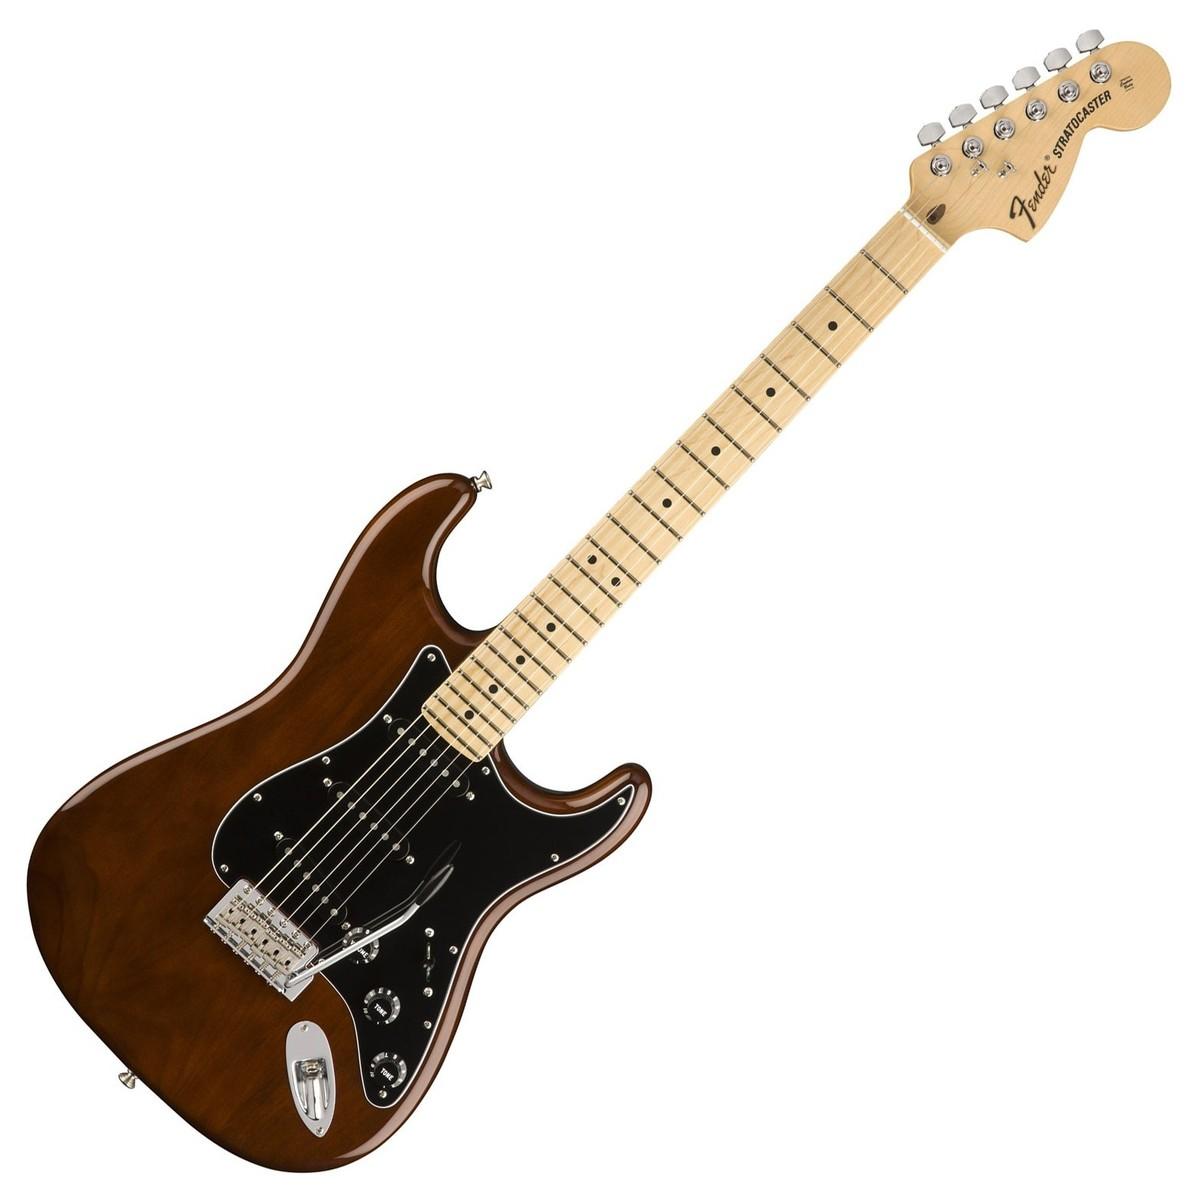 American Special Stratocaster : fender american special stratocaster mn walnut at gear4music ~ Hamham.info Haus und Dekorationen